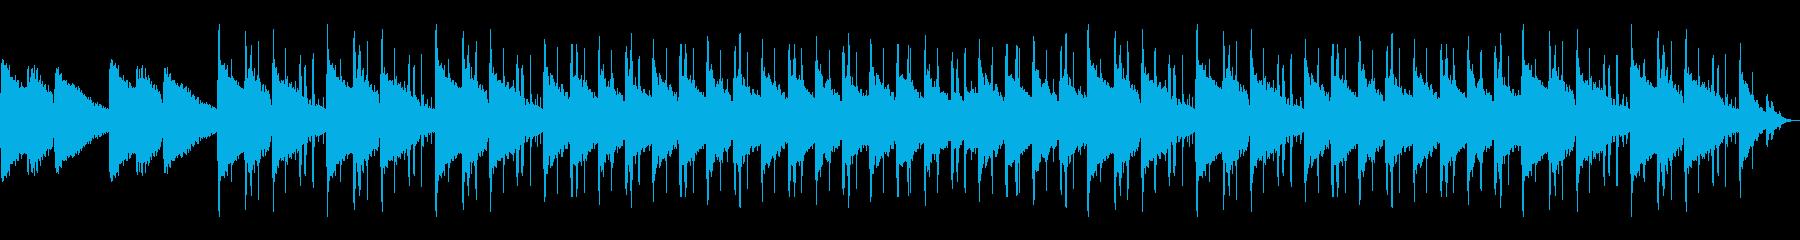 ミニマリスト・おしゃれ系動画のBGMの再生済みの波形